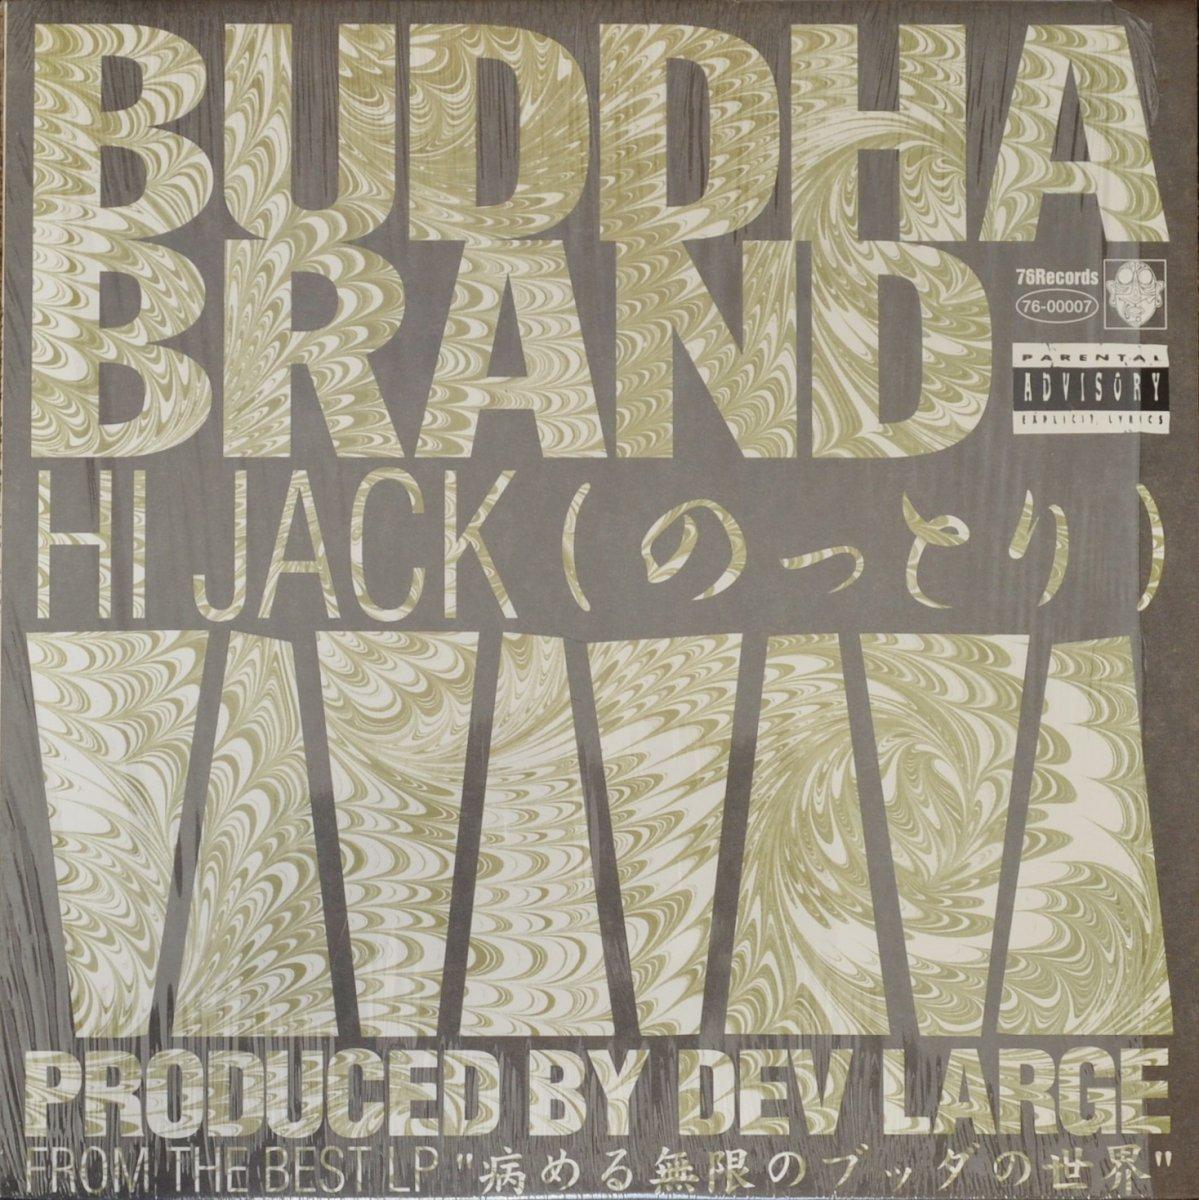 ブッダ・ブランド BUDDHA BRAND / ハイ・ジャック / HI JACK (のっとり / NOTTORI) (12